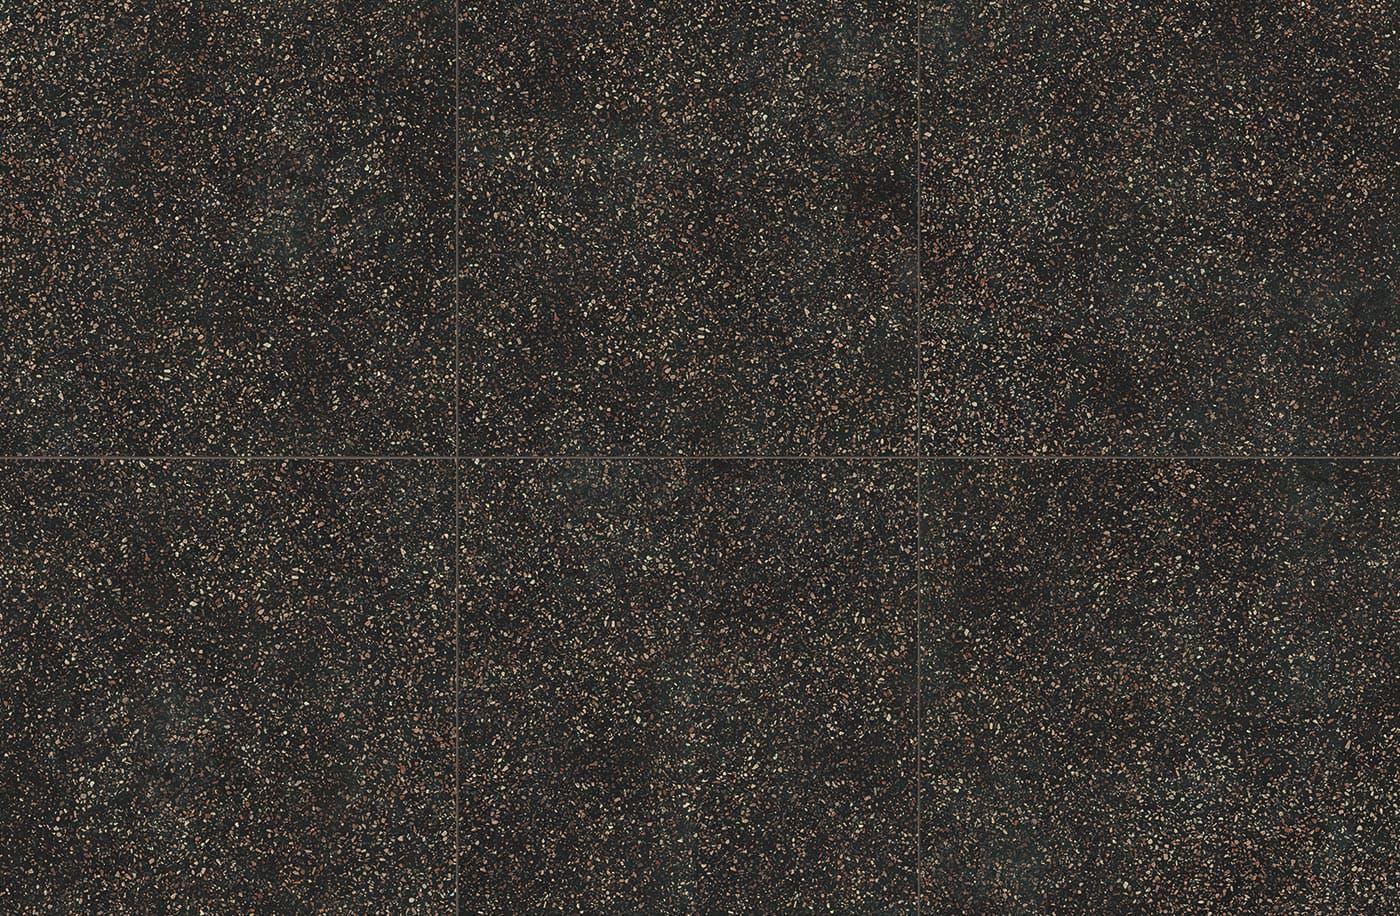 Piastrella da interno da pavimento in gres porcellanato